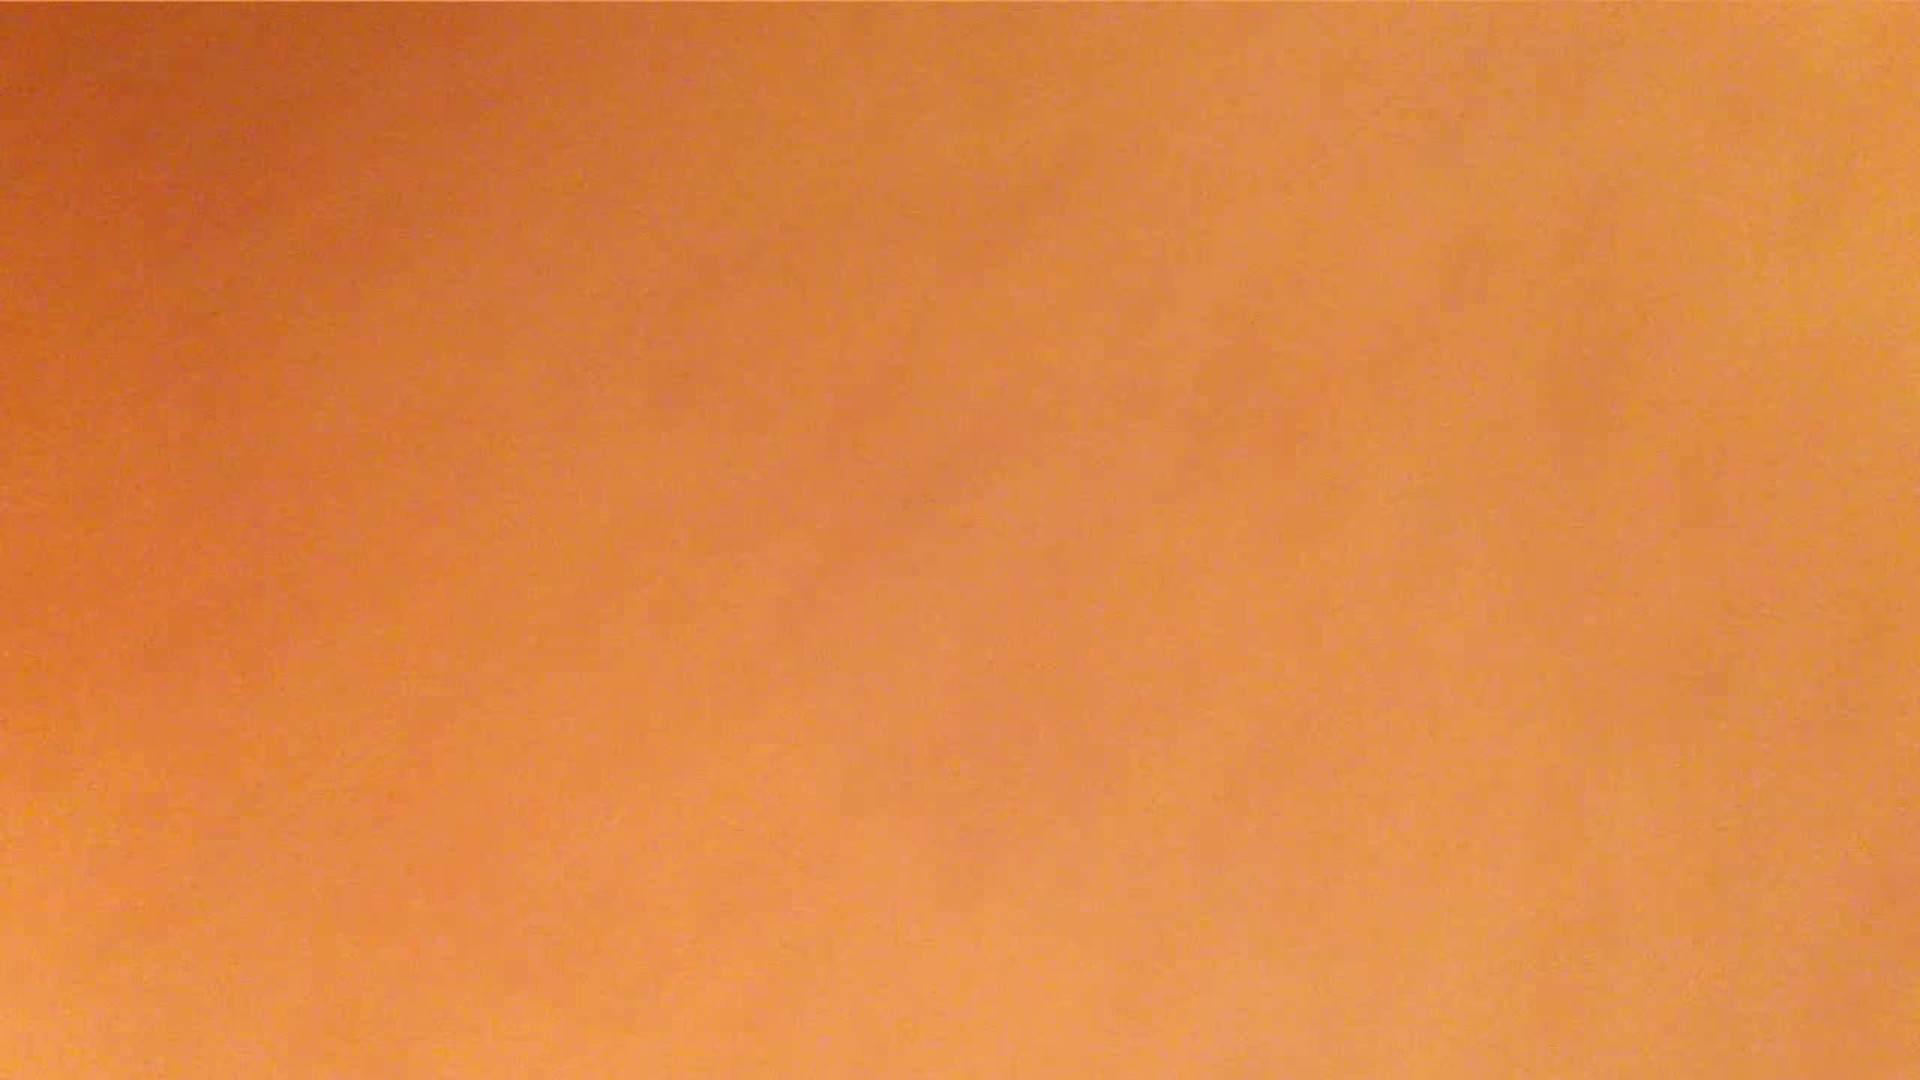 可愛いカリスマ店員限定‼胸チラ&パンチラ vol.22 胸チラ アダルト動画キャプチャ 93pic 34